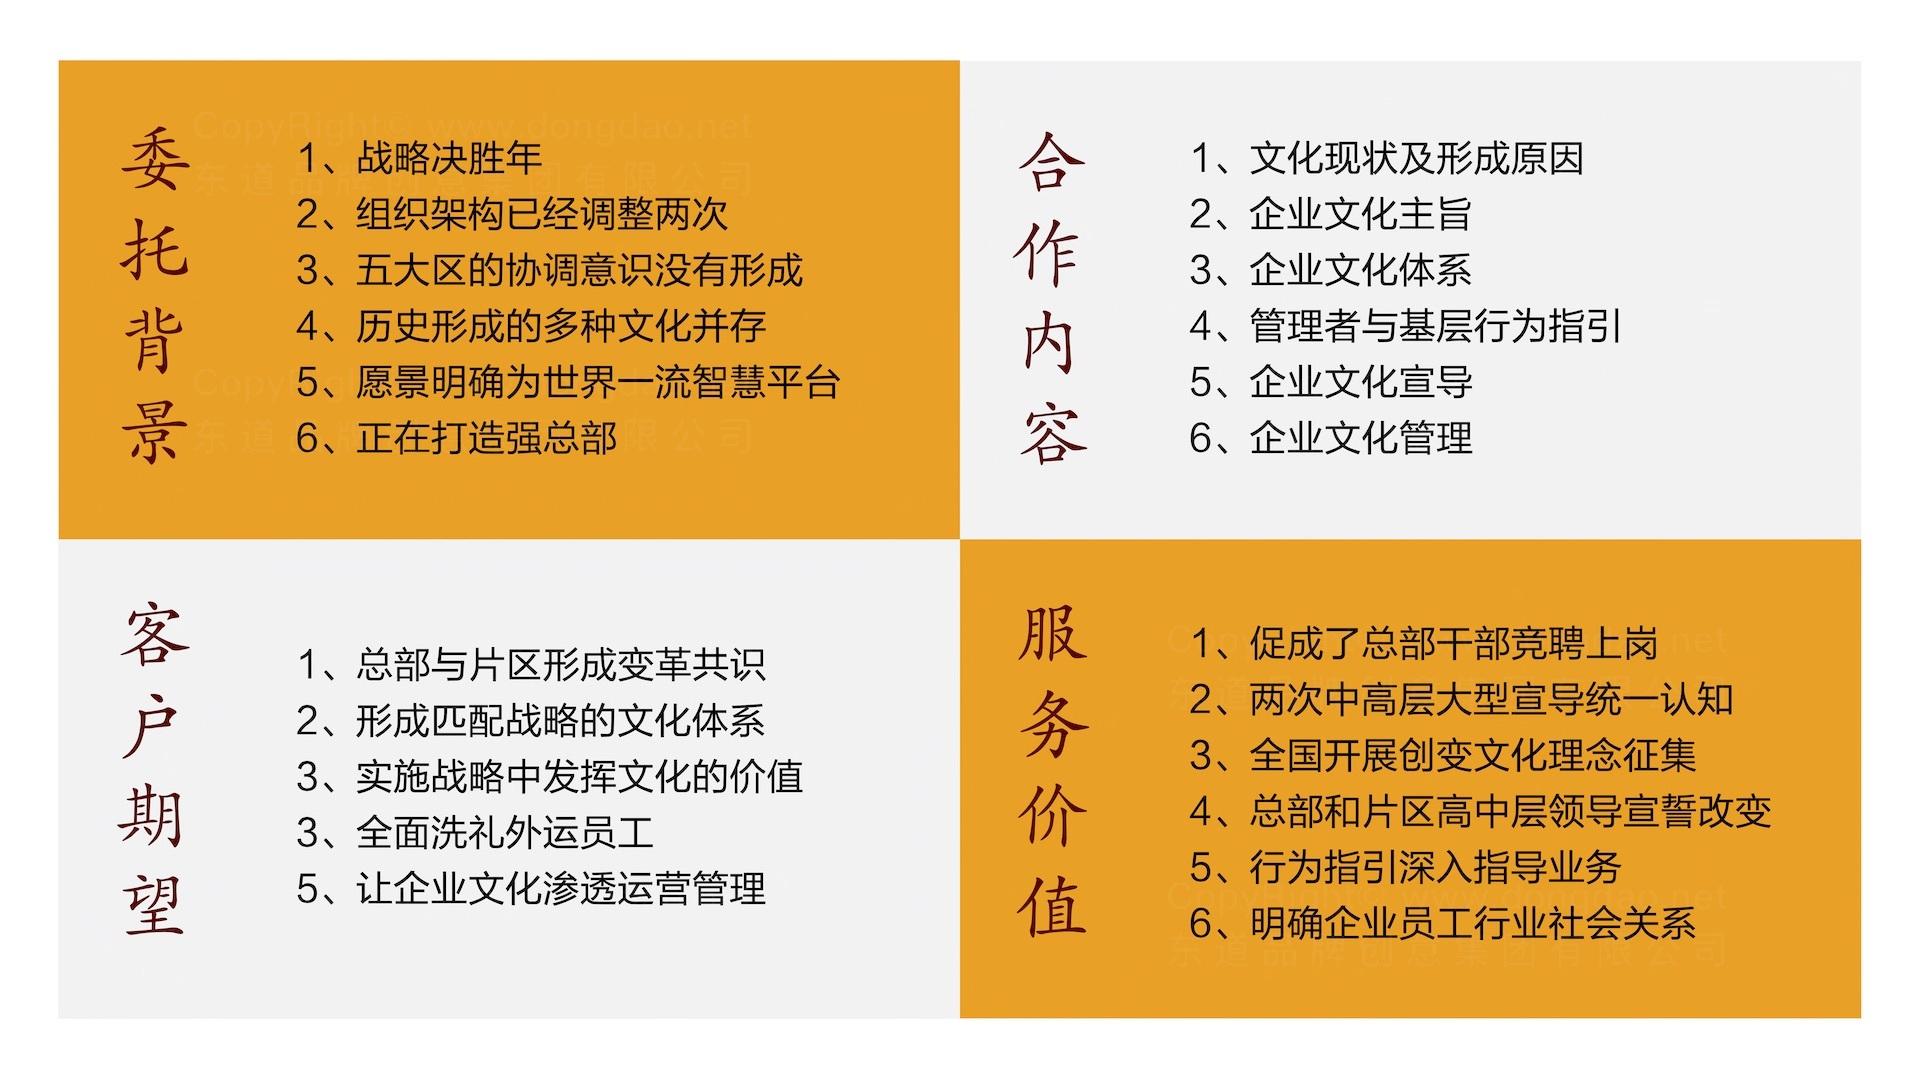 企业文化落地项目企业文化手册设计